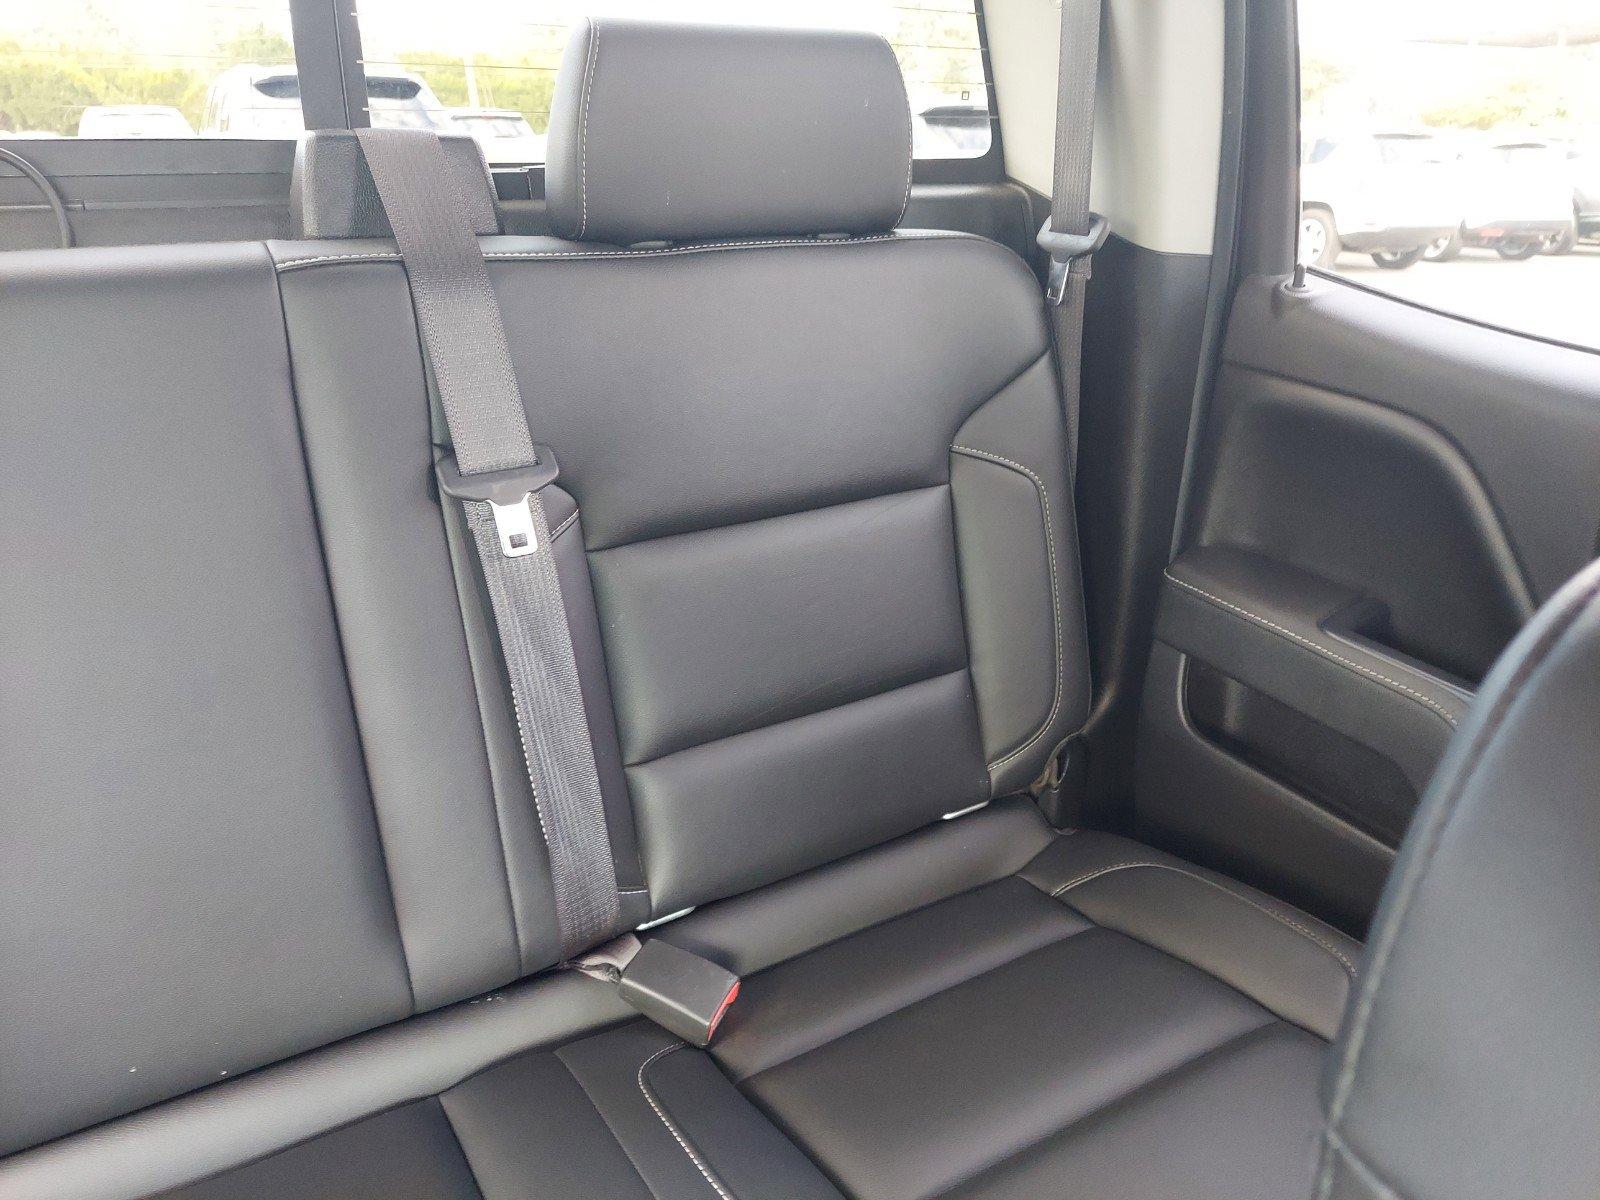 2016 Chevrolet Silverado 1500 Standard Bed